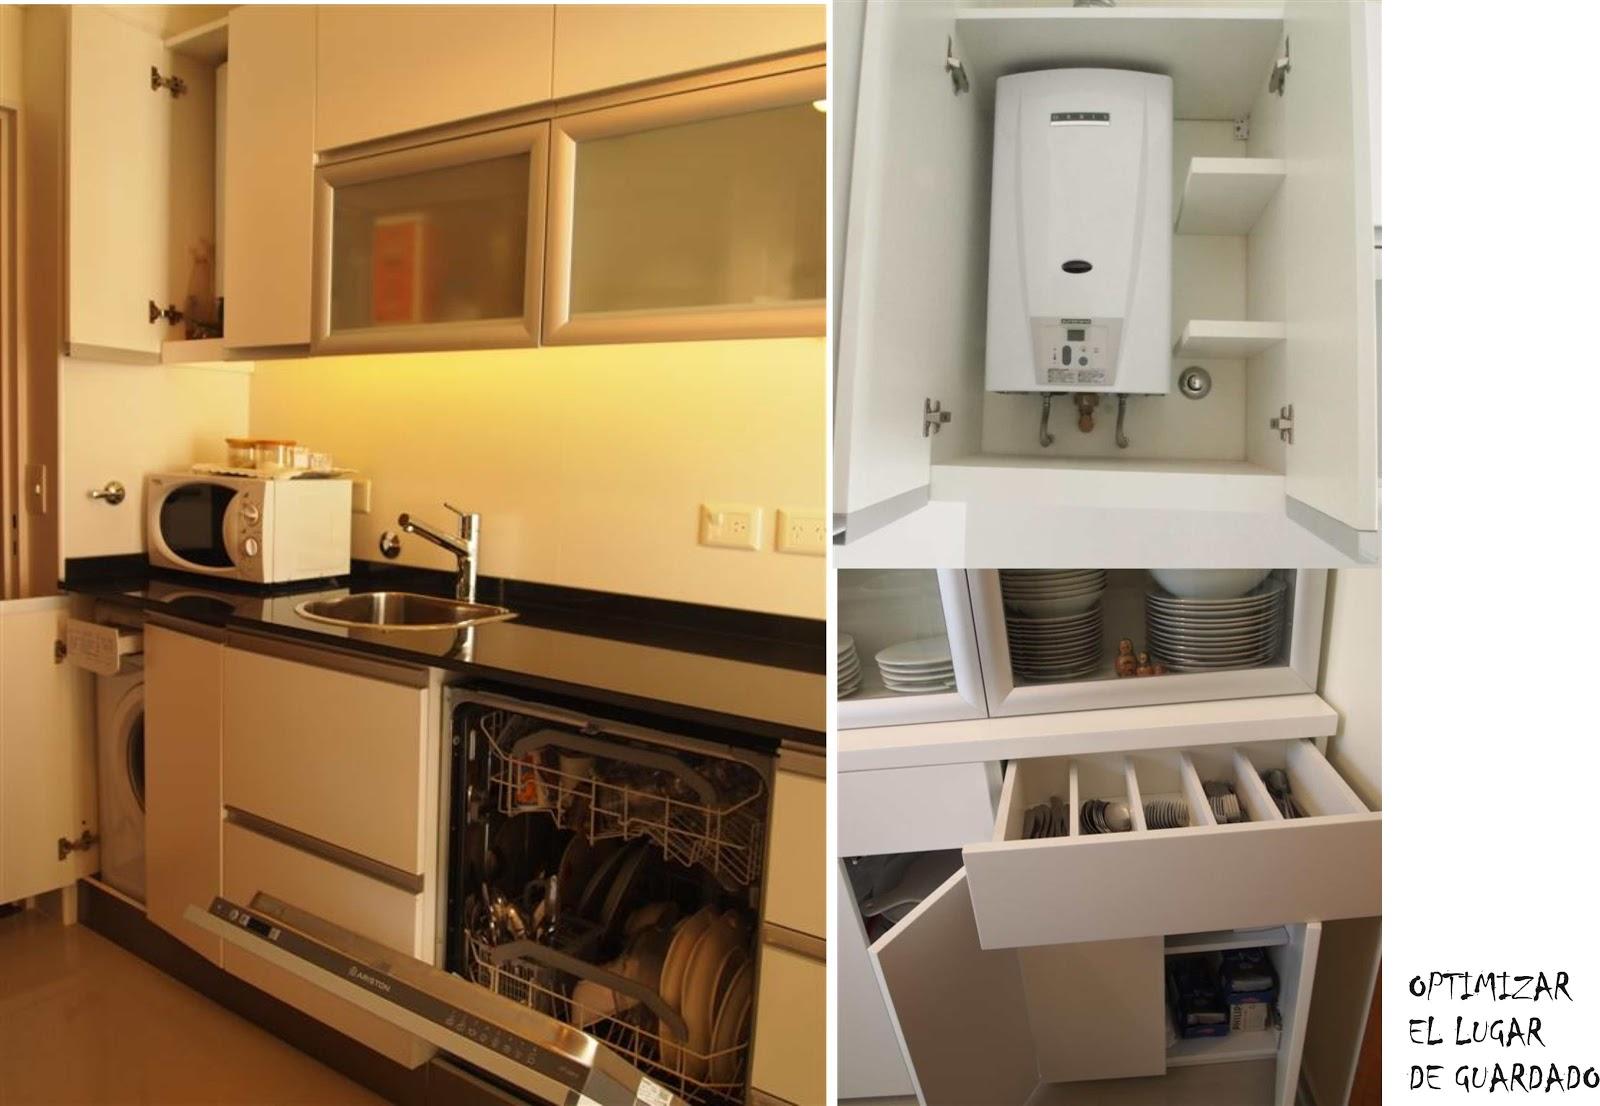 Arquitectura a tu medida remodelacion de una cocina - Mueble para la cocina ...